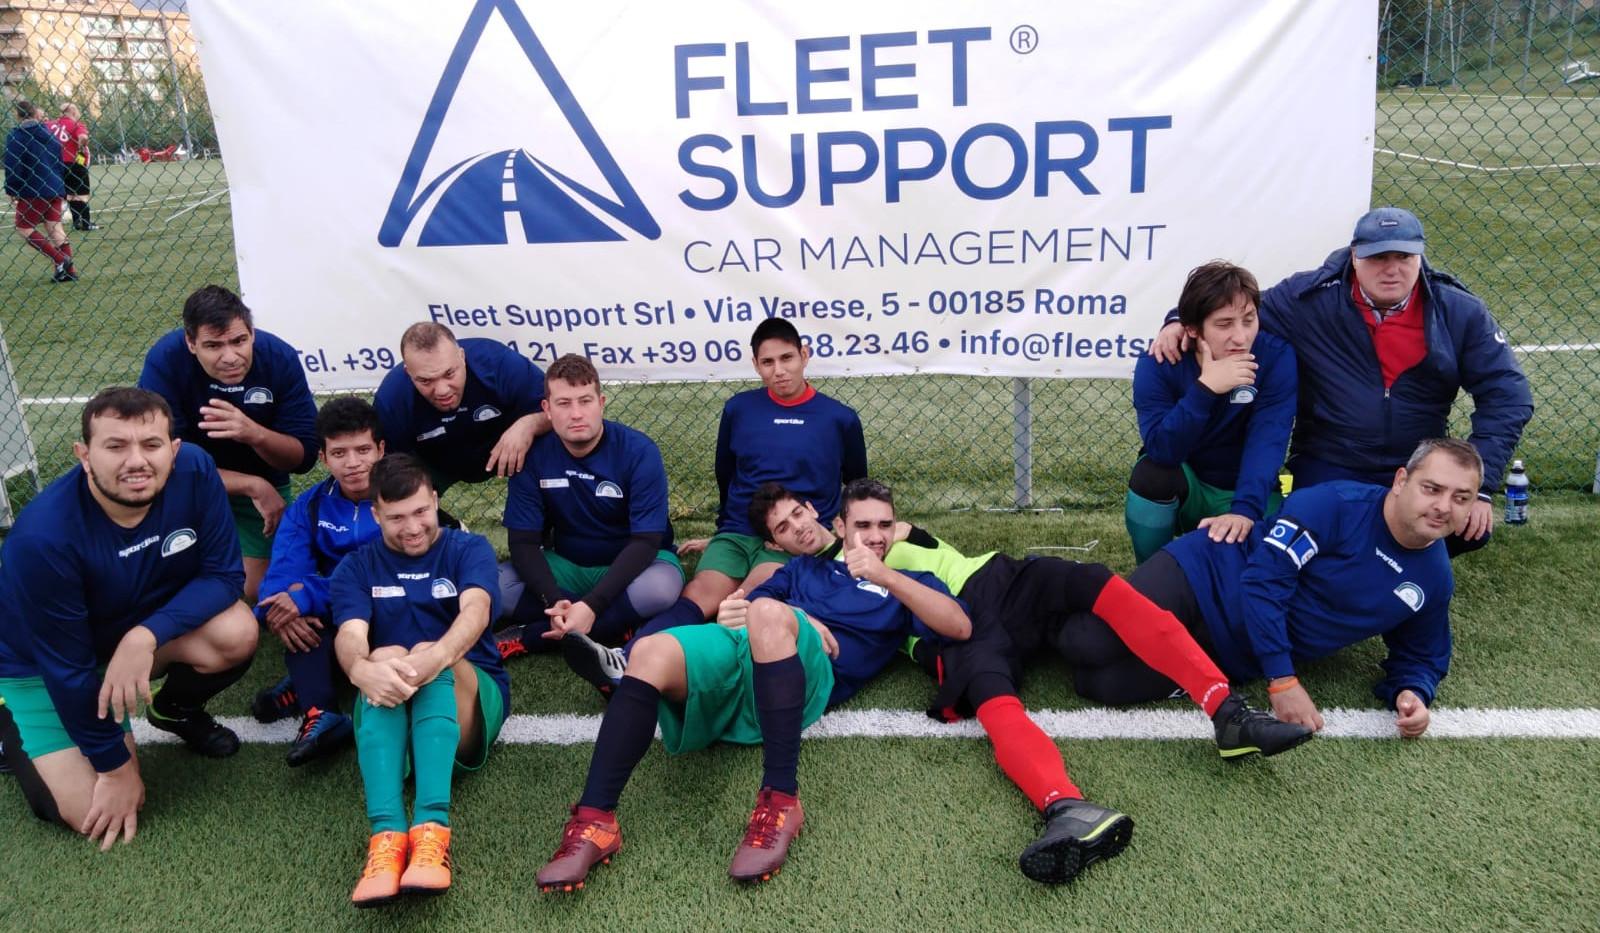 centocellefc torneo fleet support 16.jpe